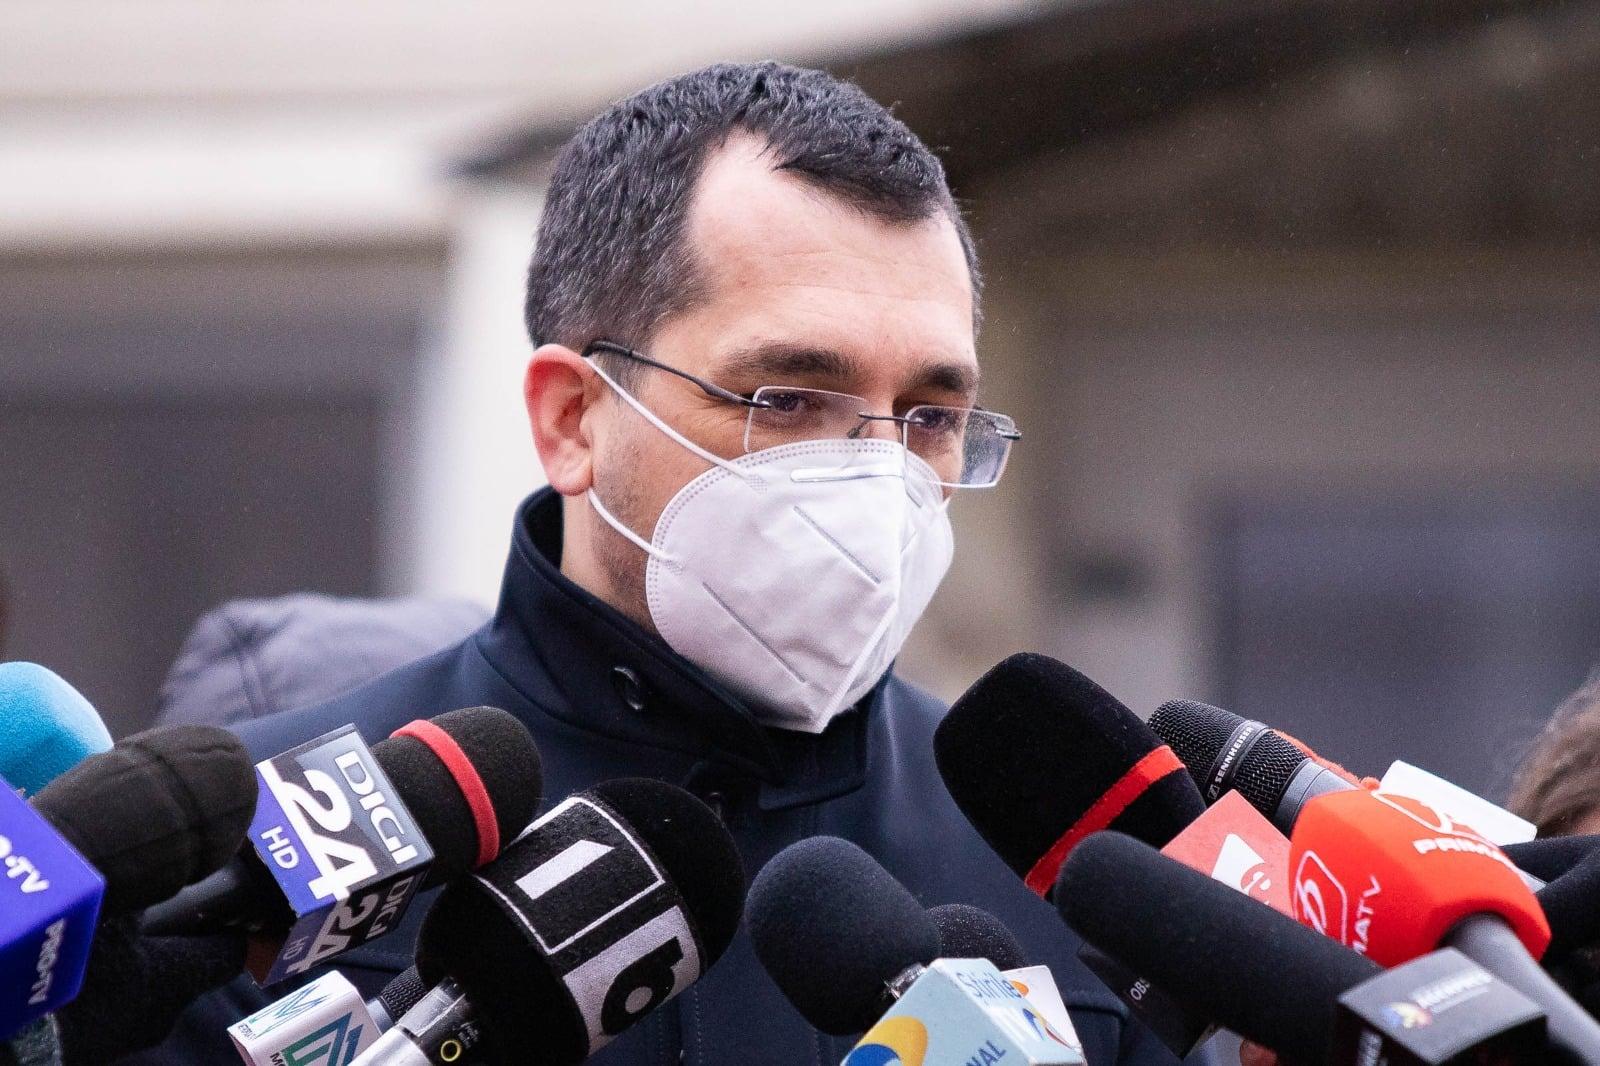 CTP, despre declarațiile lui Voiculescu privind cifrele COVID: Încercare politică de a arăta că ieri a fost întunericul și azi e lumina